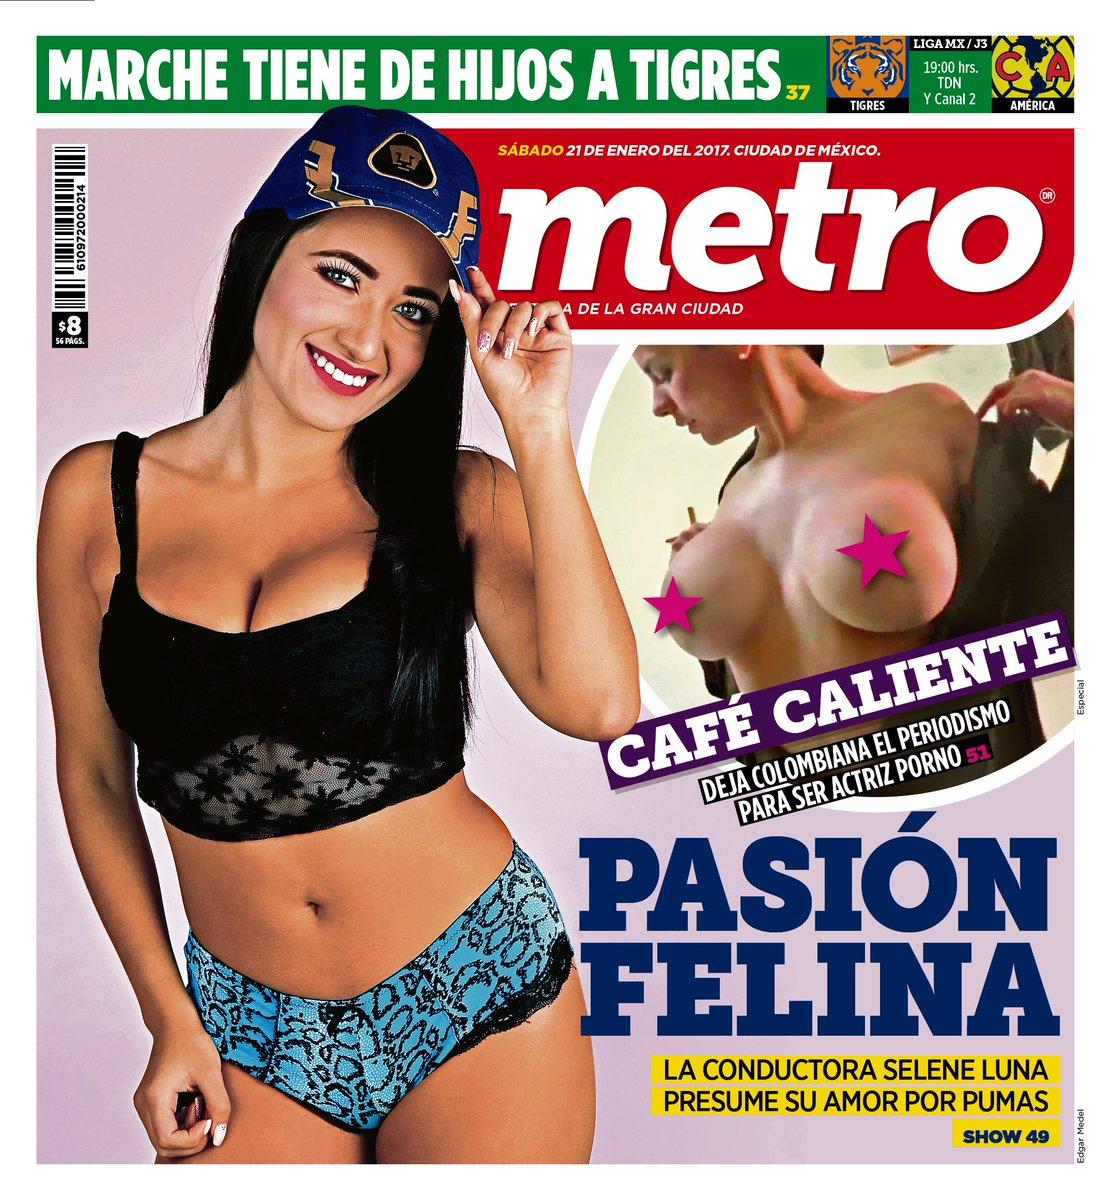 La contraportada del día #Selene #AlejandraOmaña @ClubAmerica @TigresO...